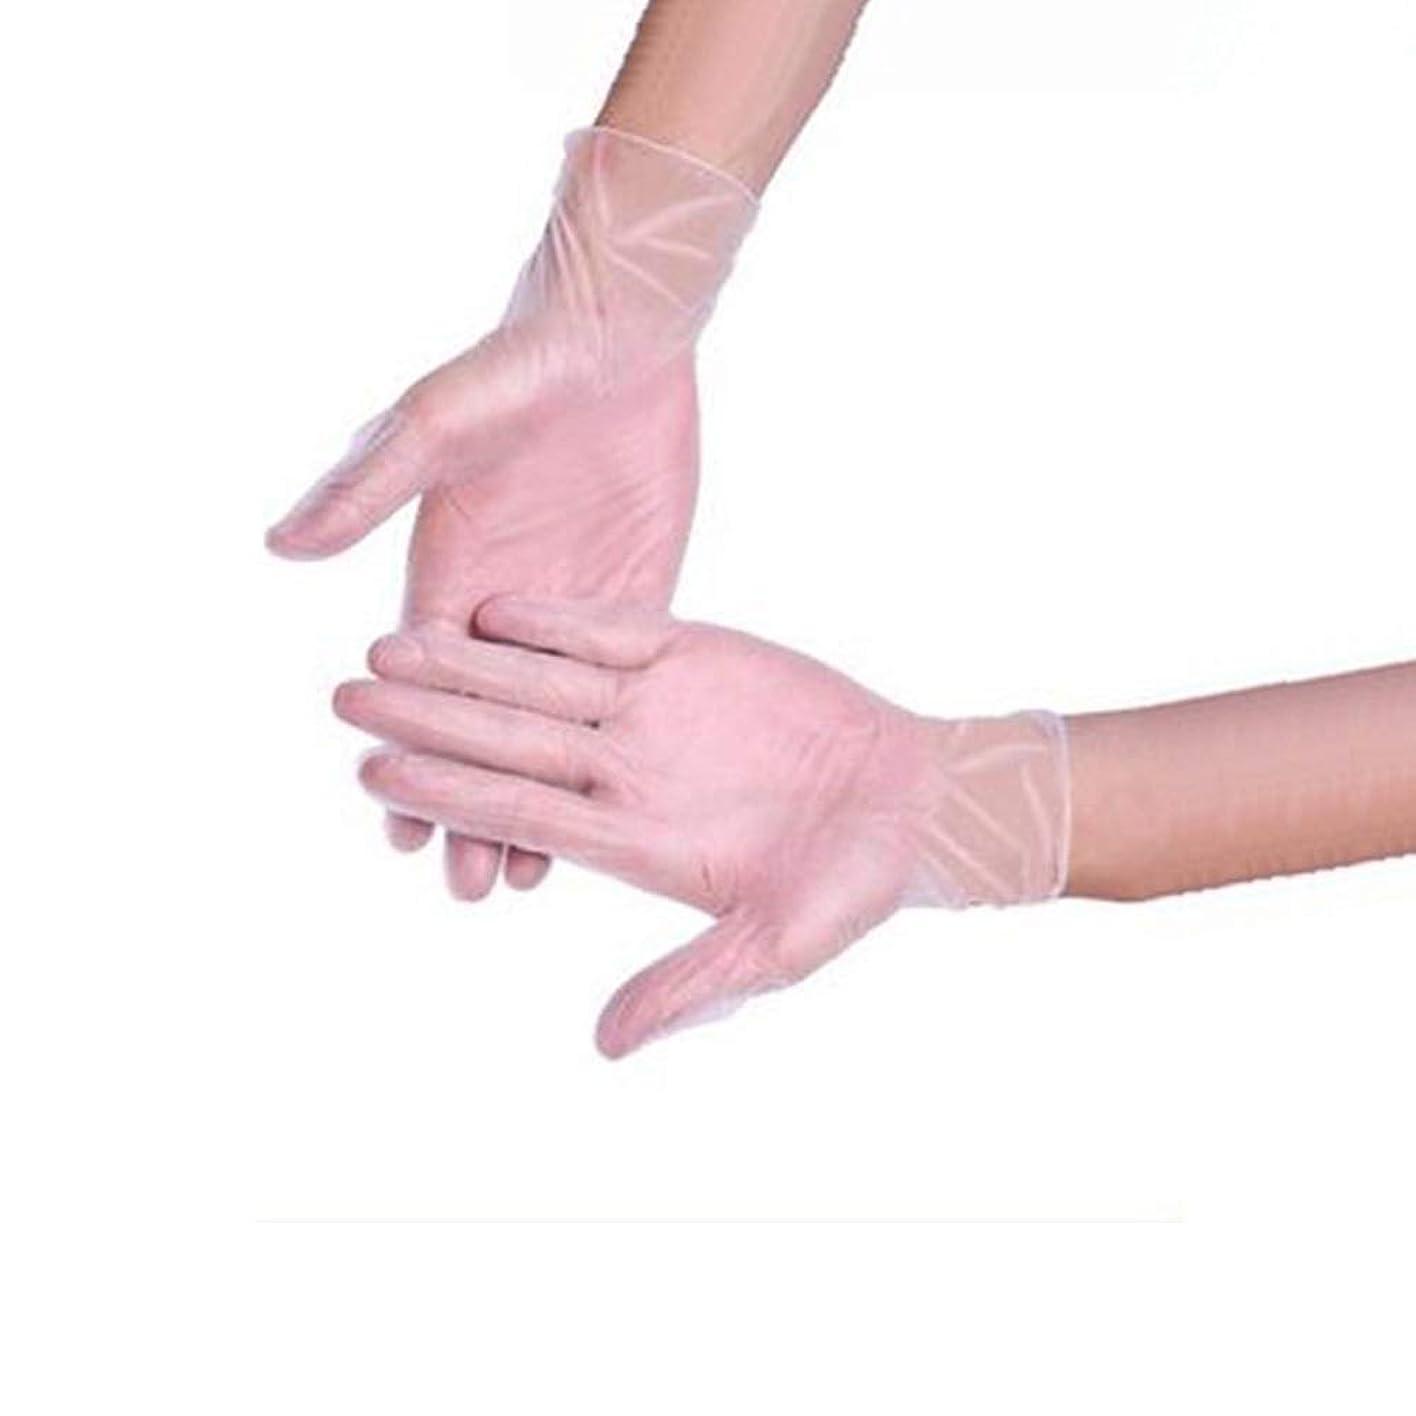 批判お手伝いさん突進食品ベーキング手袋美容ネイル使い捨て手袋クリーニング帯電防止手袋箱入り500のみ YANW (色 : トランスペアレント, サイズ さいず : Xl xl)